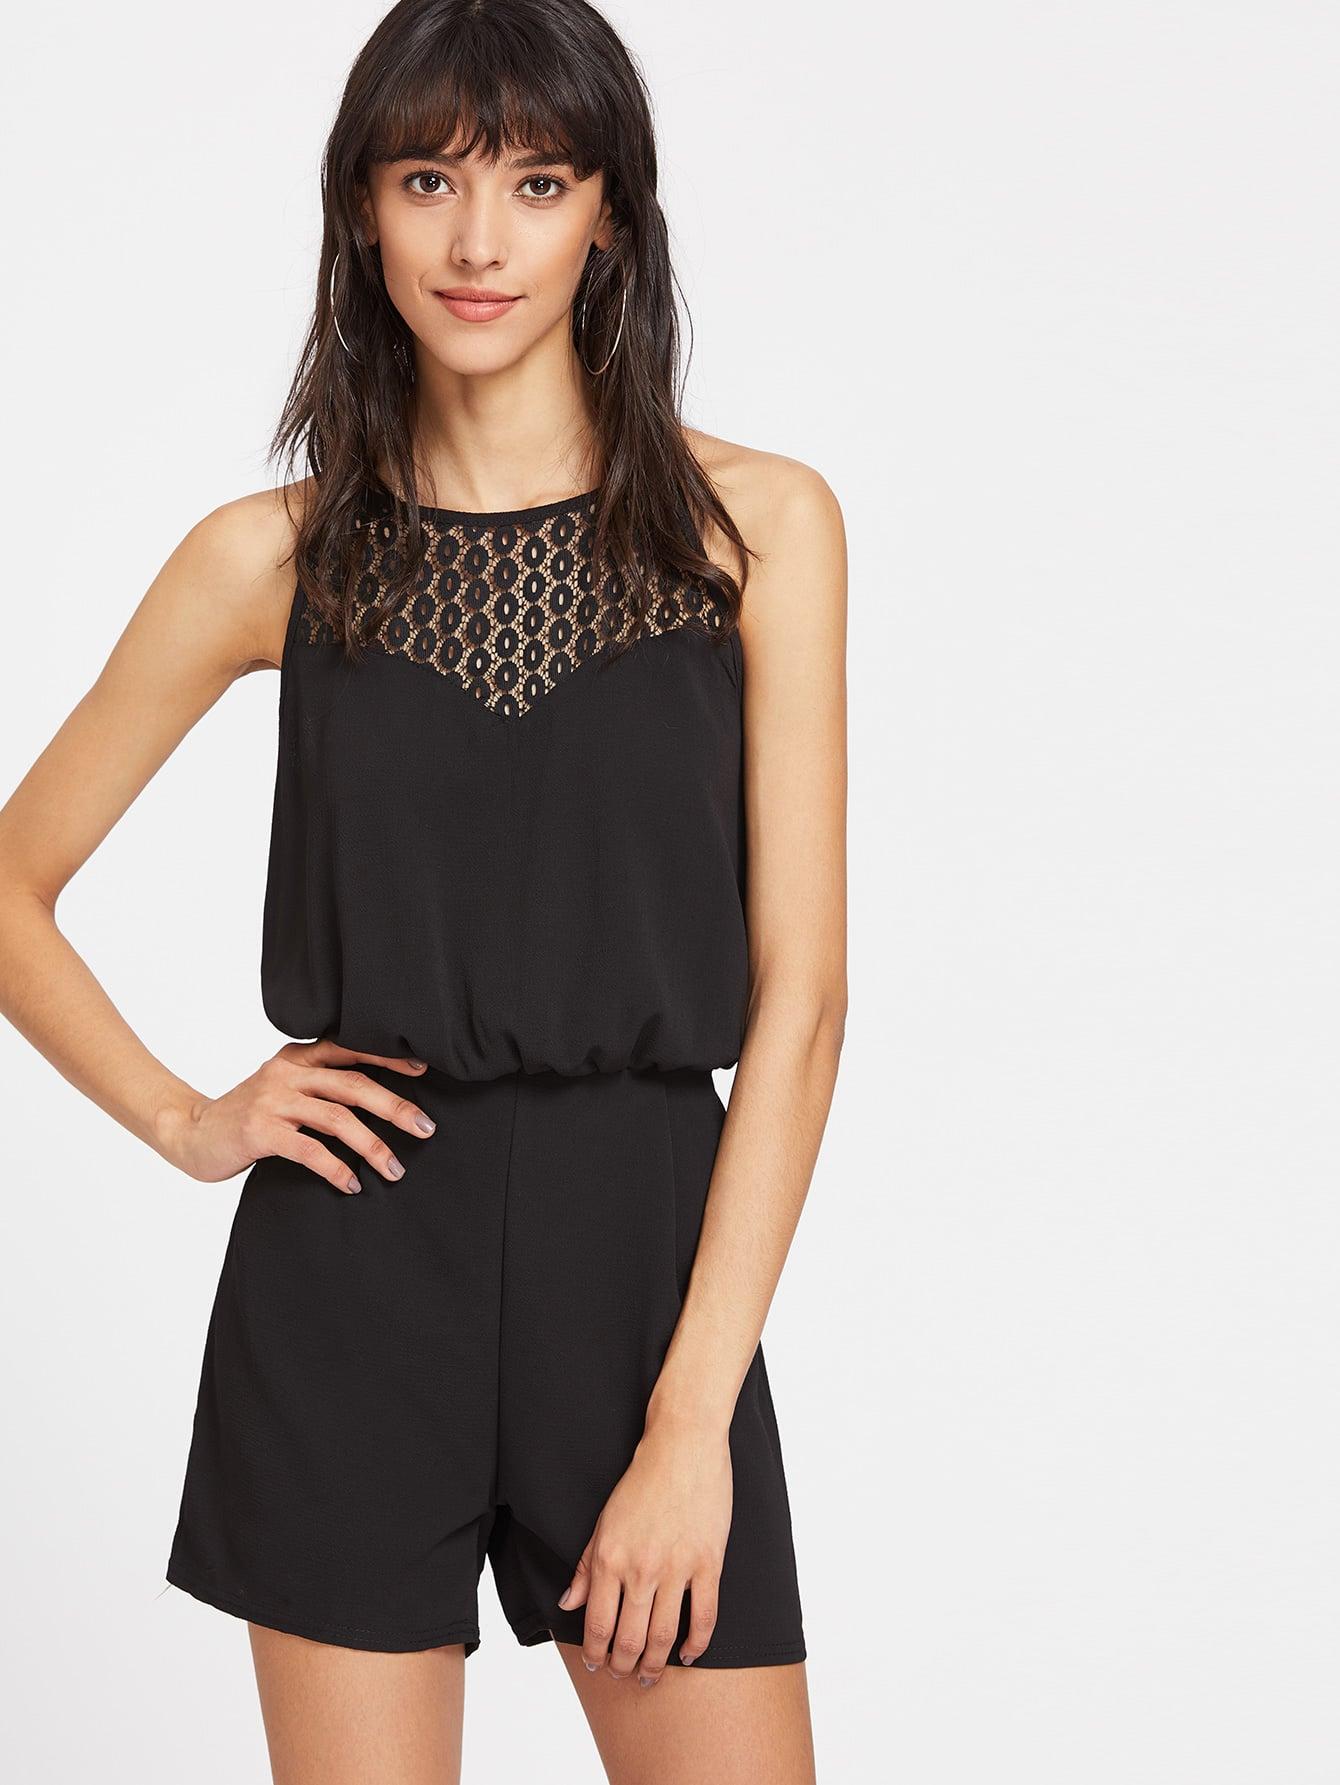 Contrast Lace Keyhole Back Slip Romper jumpsuit170407101